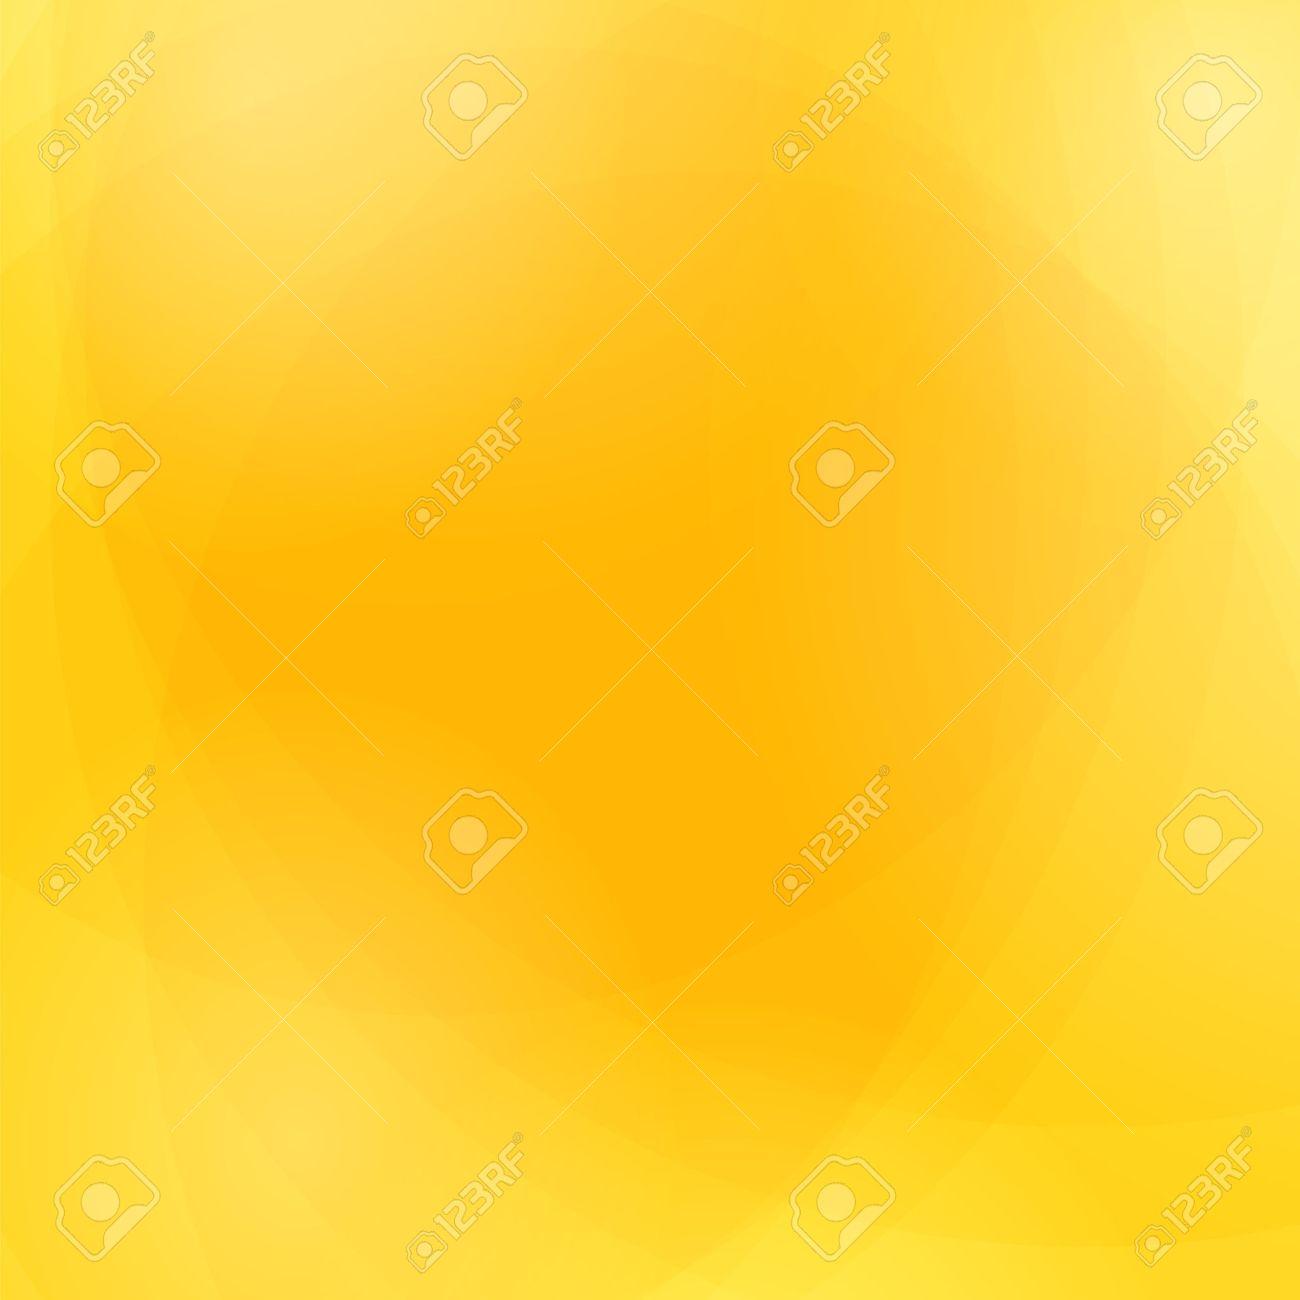 抽象的な黄色い波背景。黄色の光パターンのイラスト素材・ベクタ ...